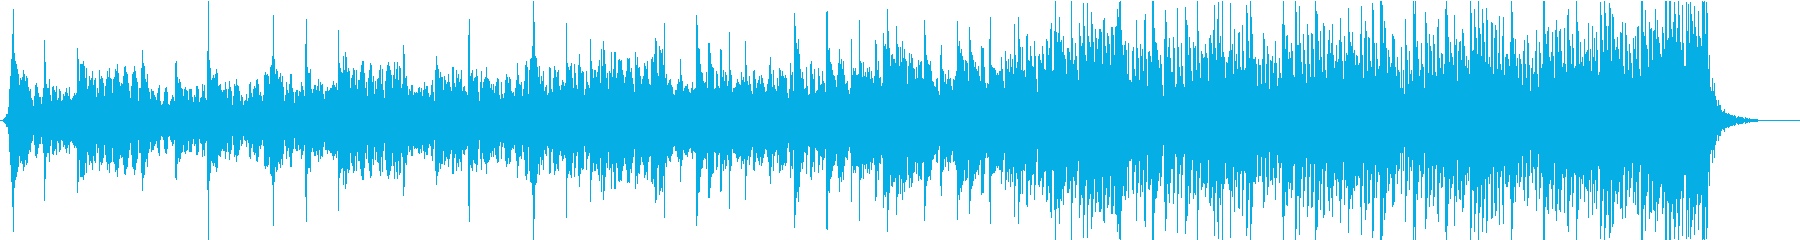 現代的 交響曲 エレクトロ ほのぼ...の再生済みの波形